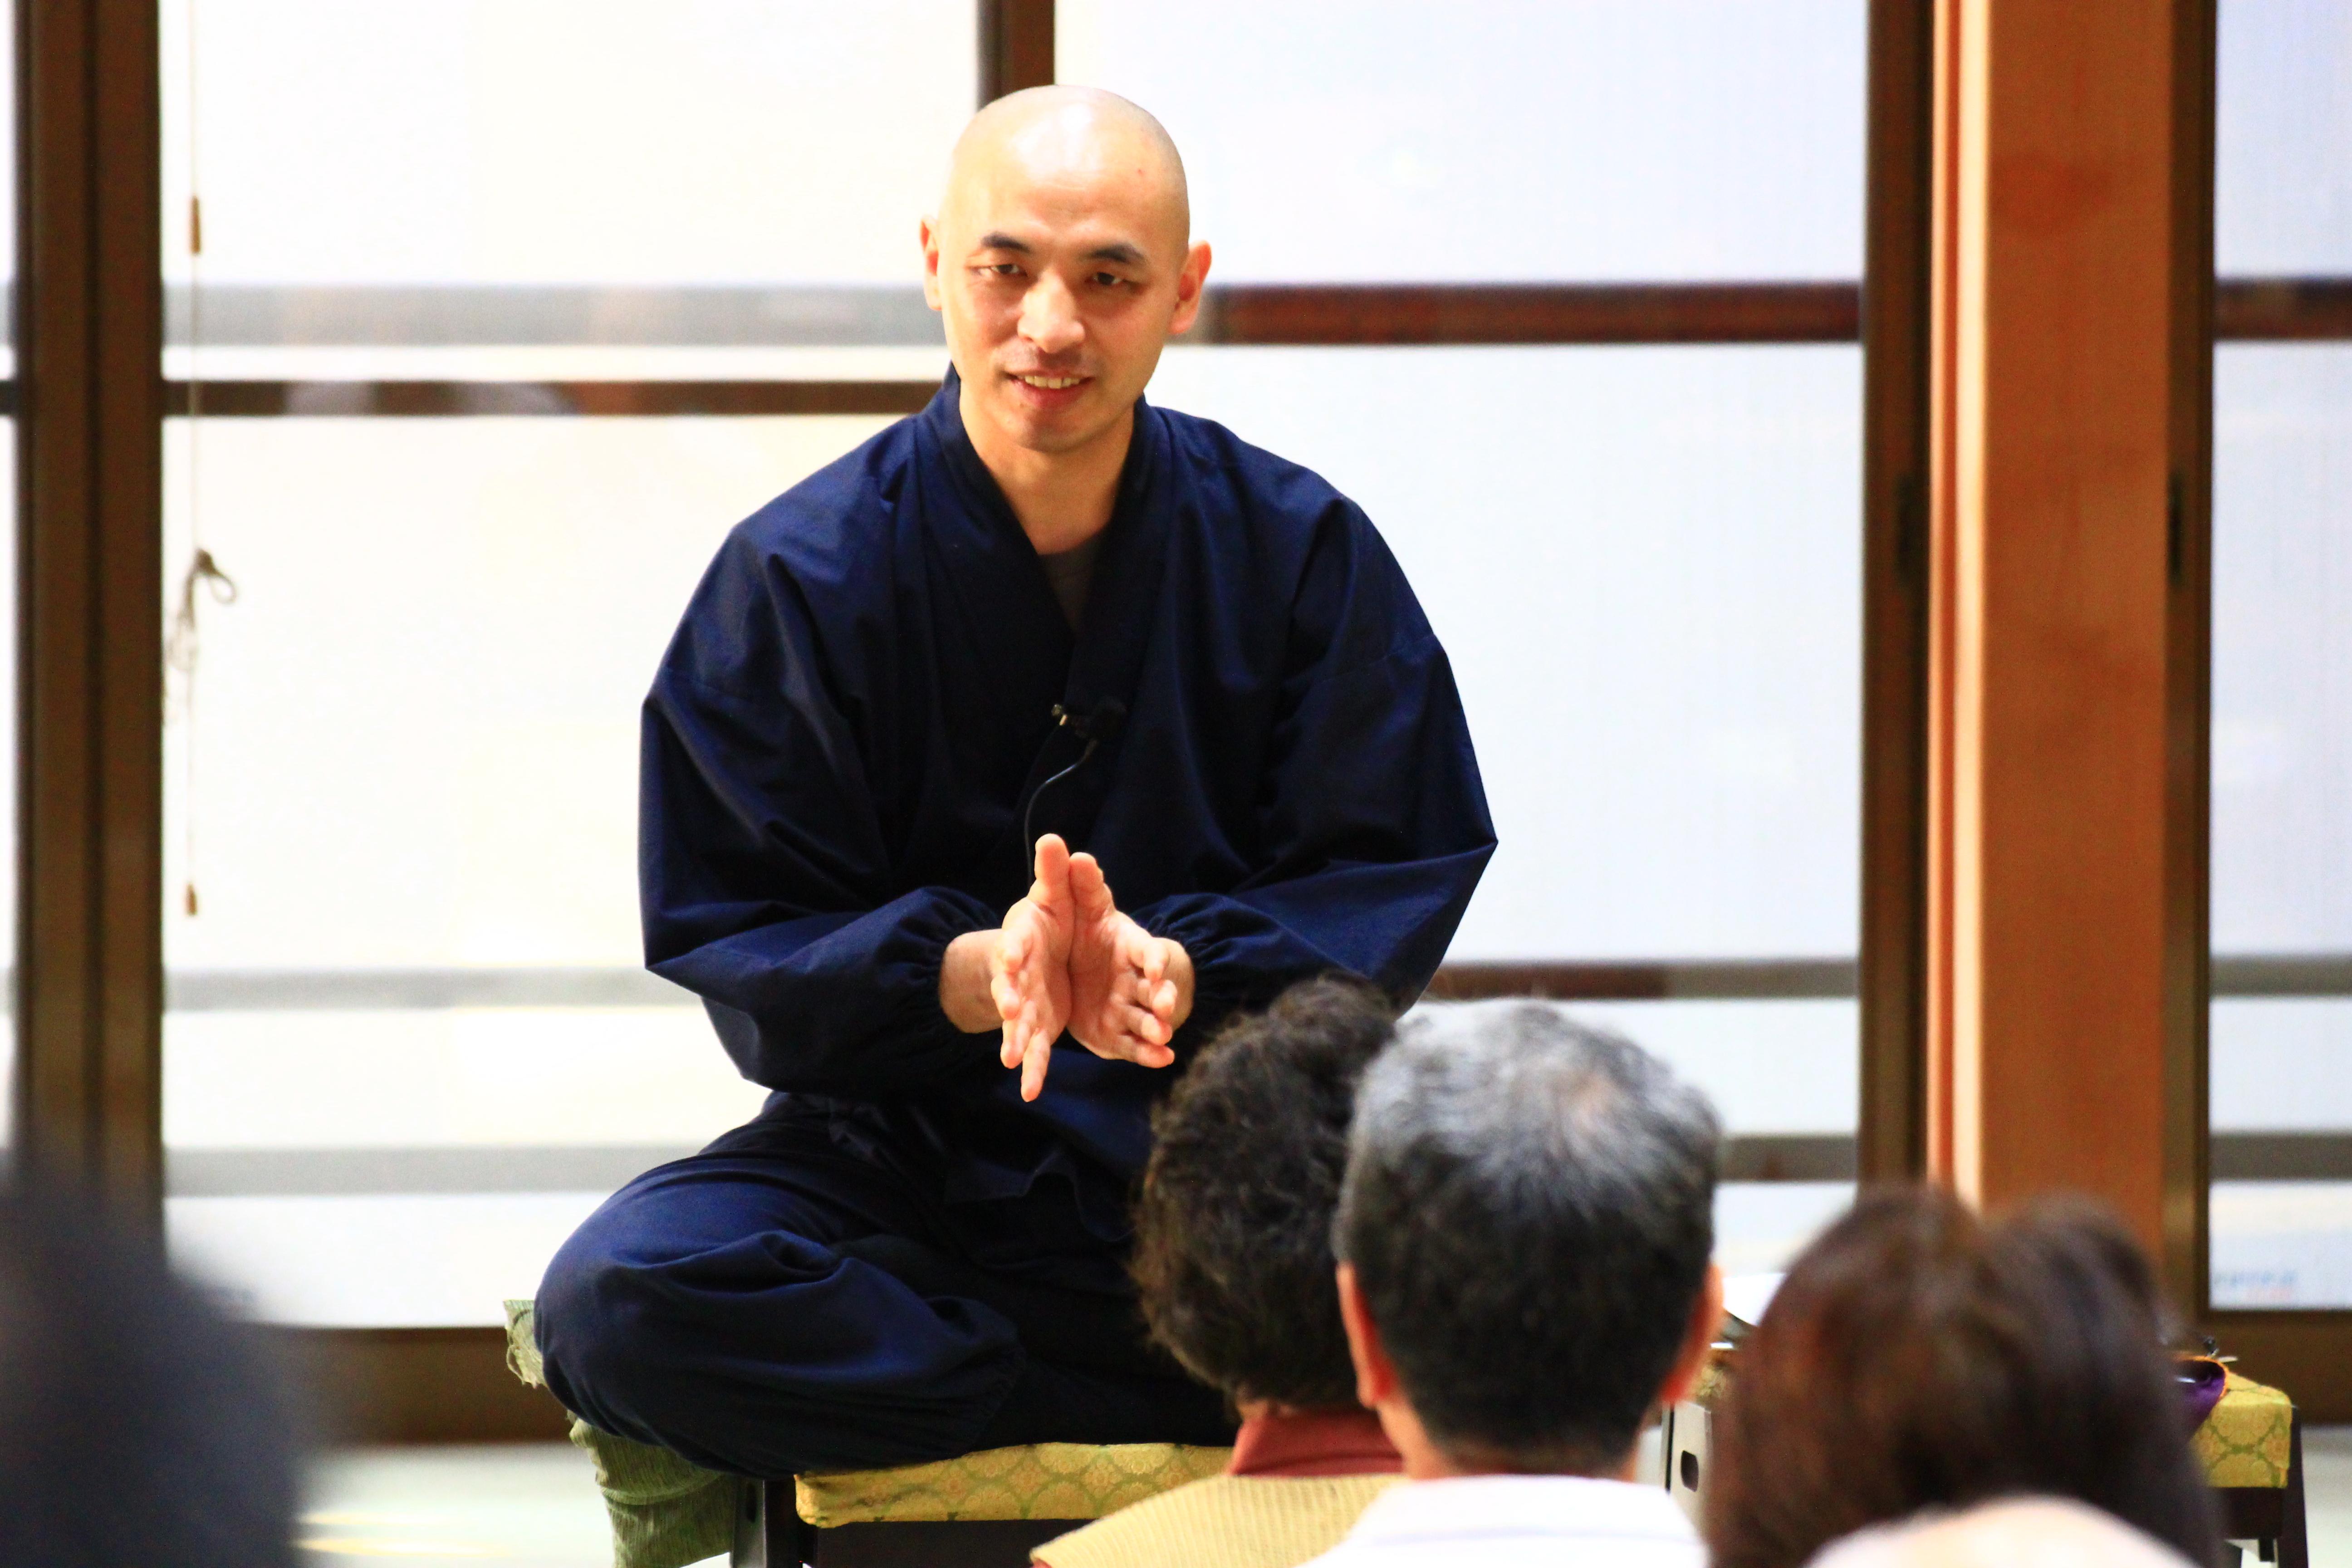 心地よい坐禅で健康に!「安楽坐禅法」を勧める「zafuざふ」製作プロジェクト